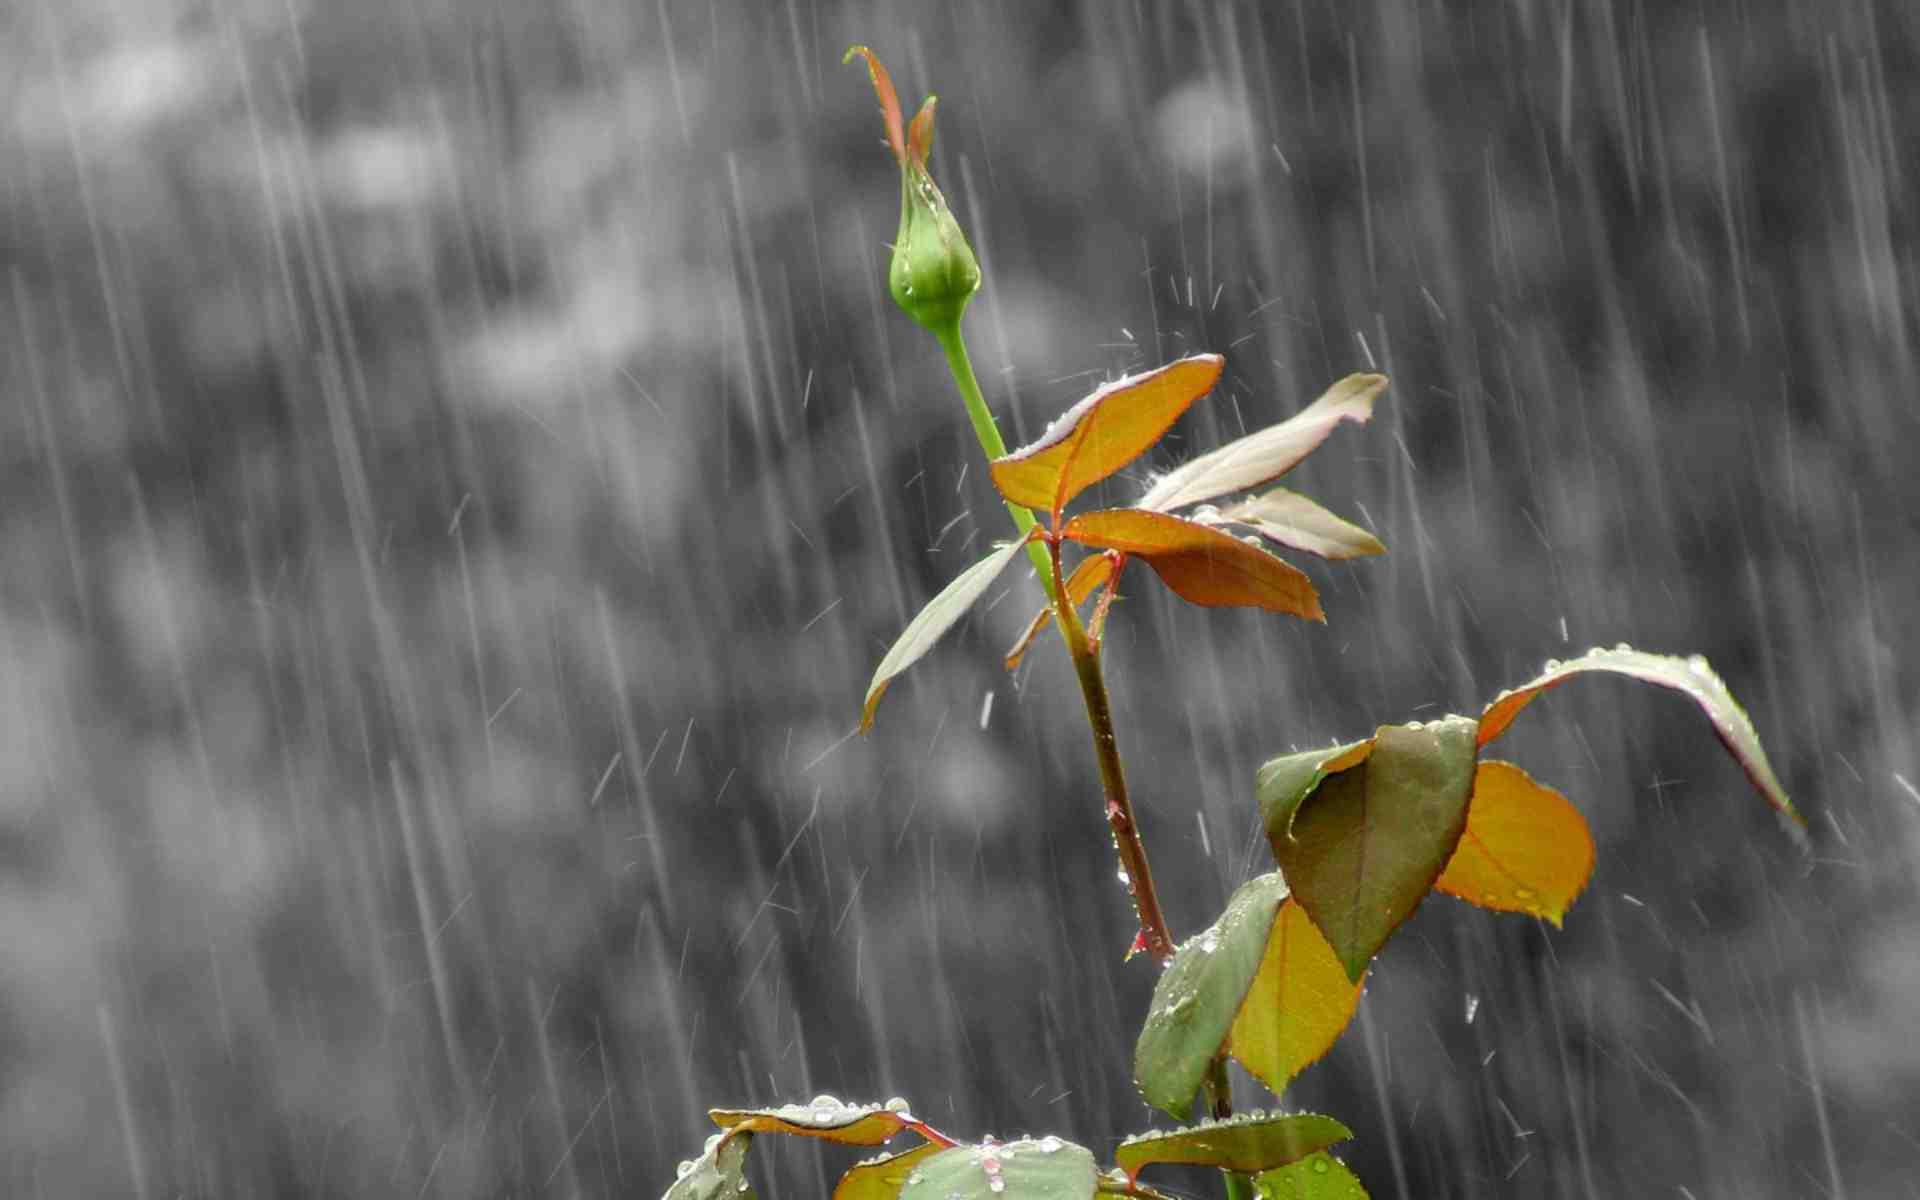 Hình ảnh trời mưa buồn, cô đơn